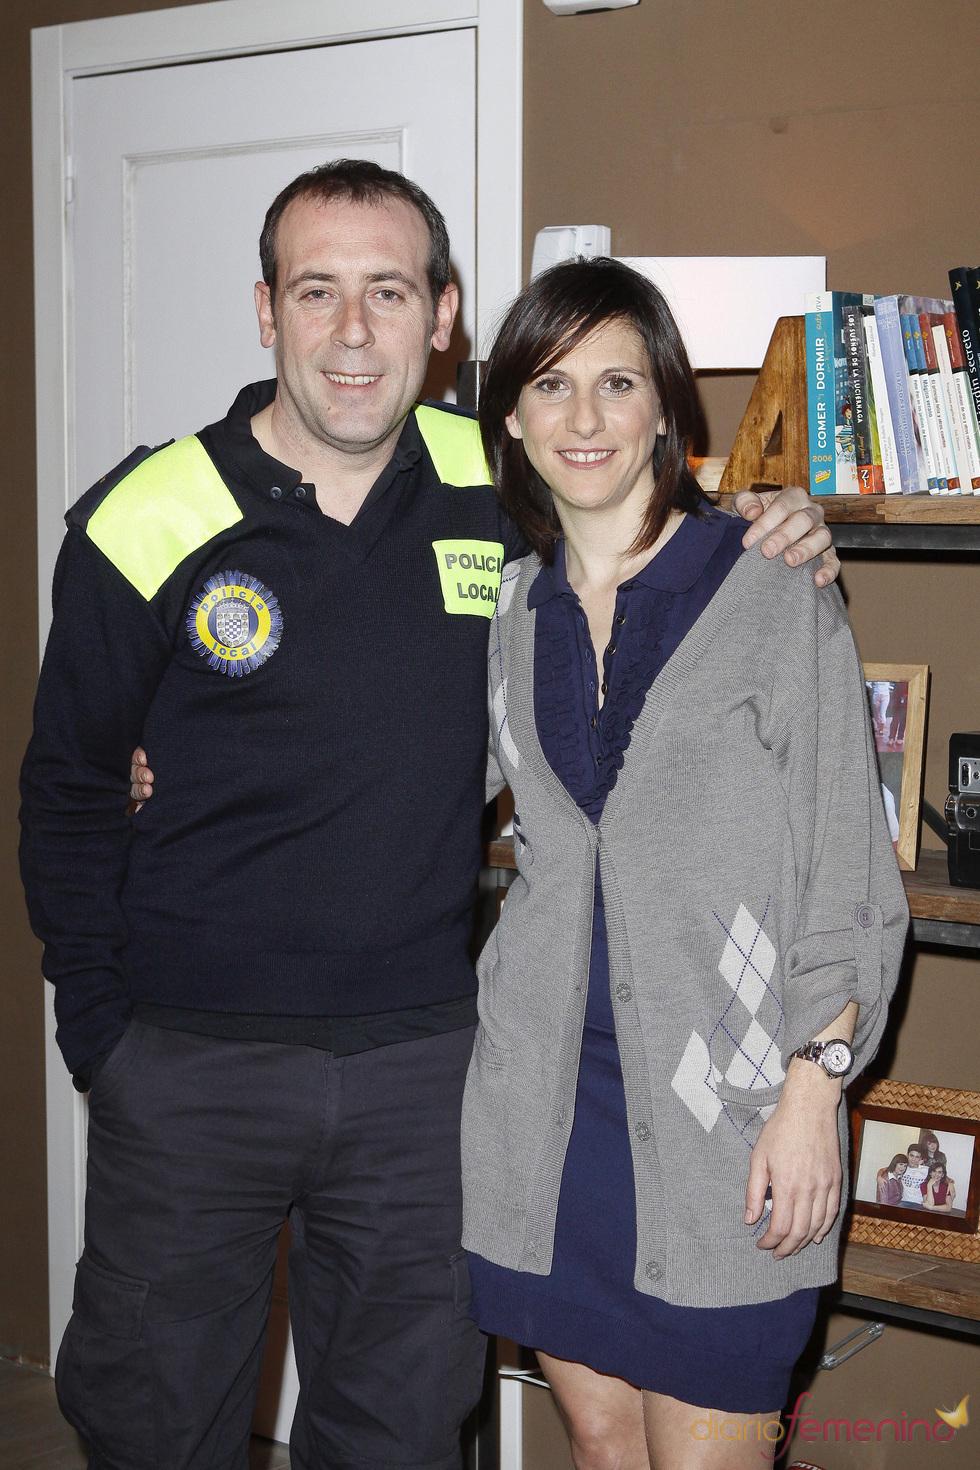 Antonio Molero y Malena Alterio en 'Buen agente'